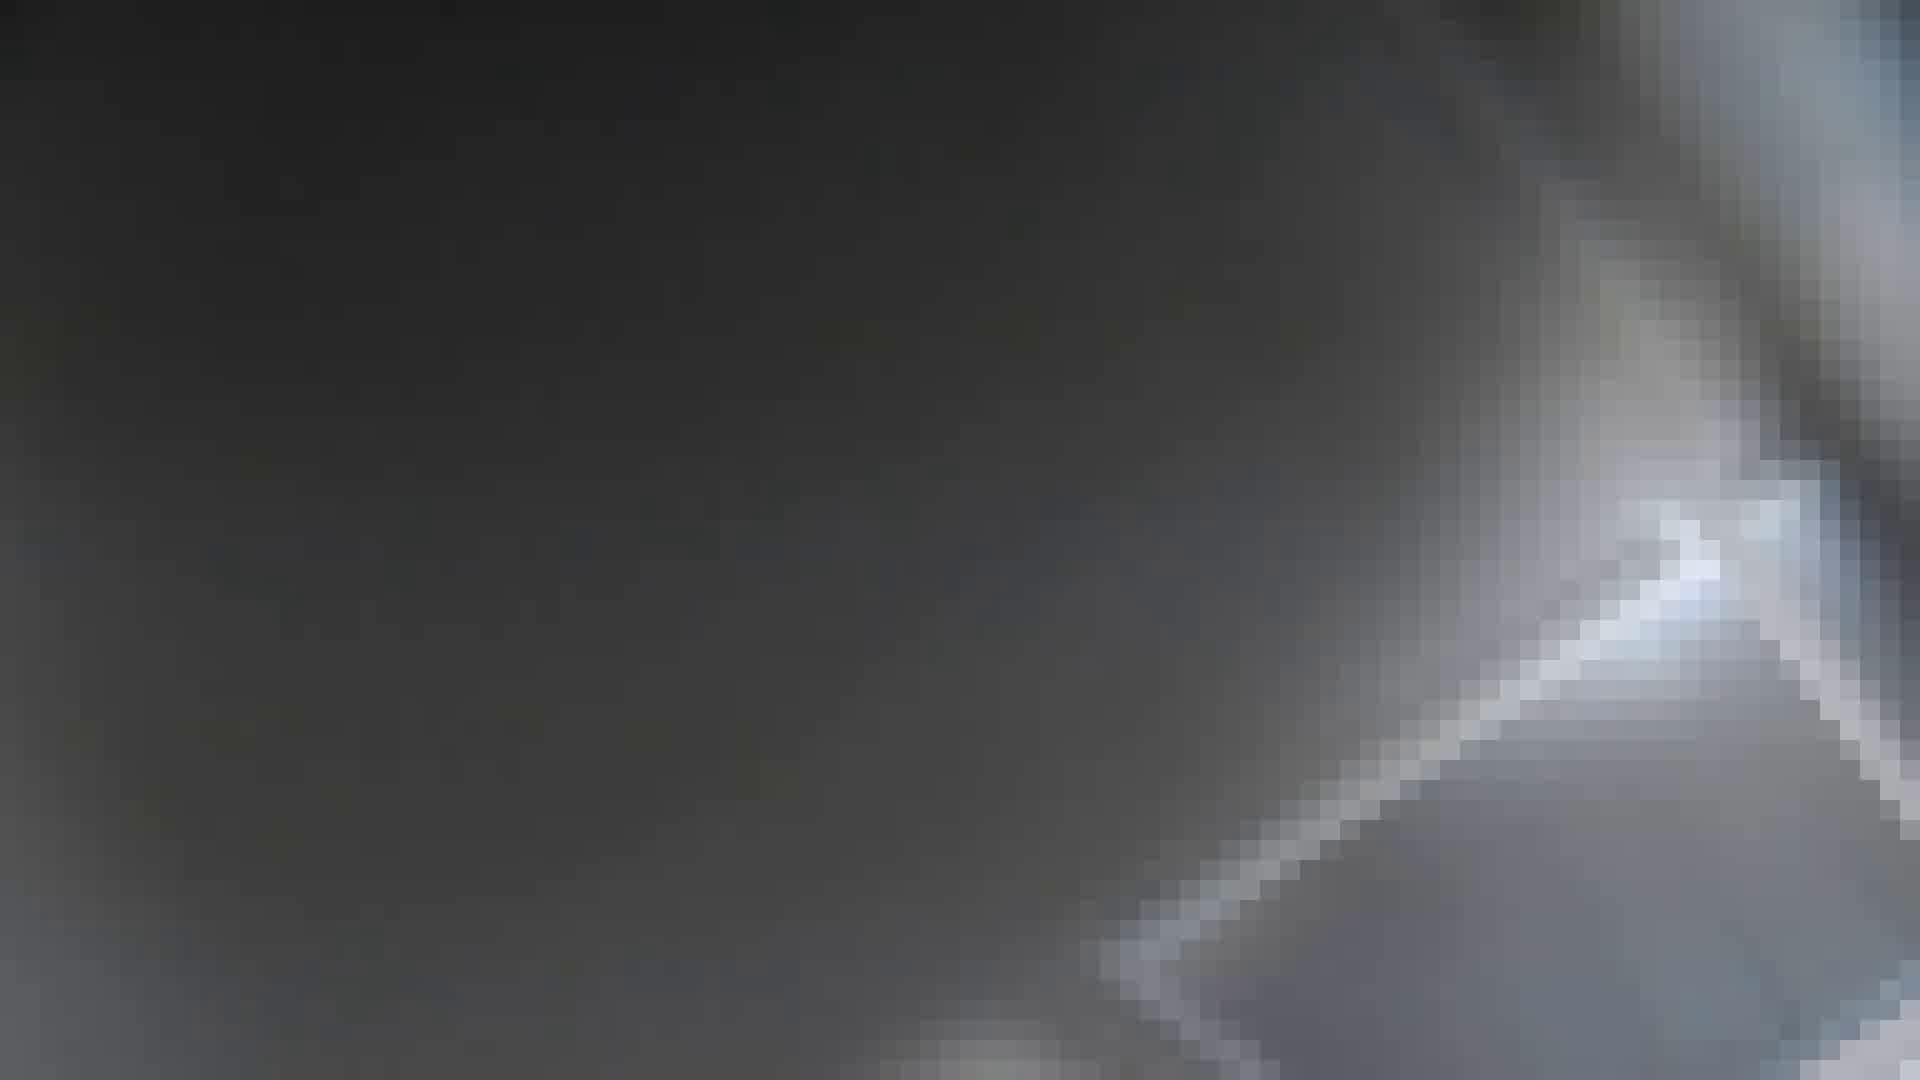 【美しき個室な世界】 vol.023 めんこい人たち 洗面所  100pic 26